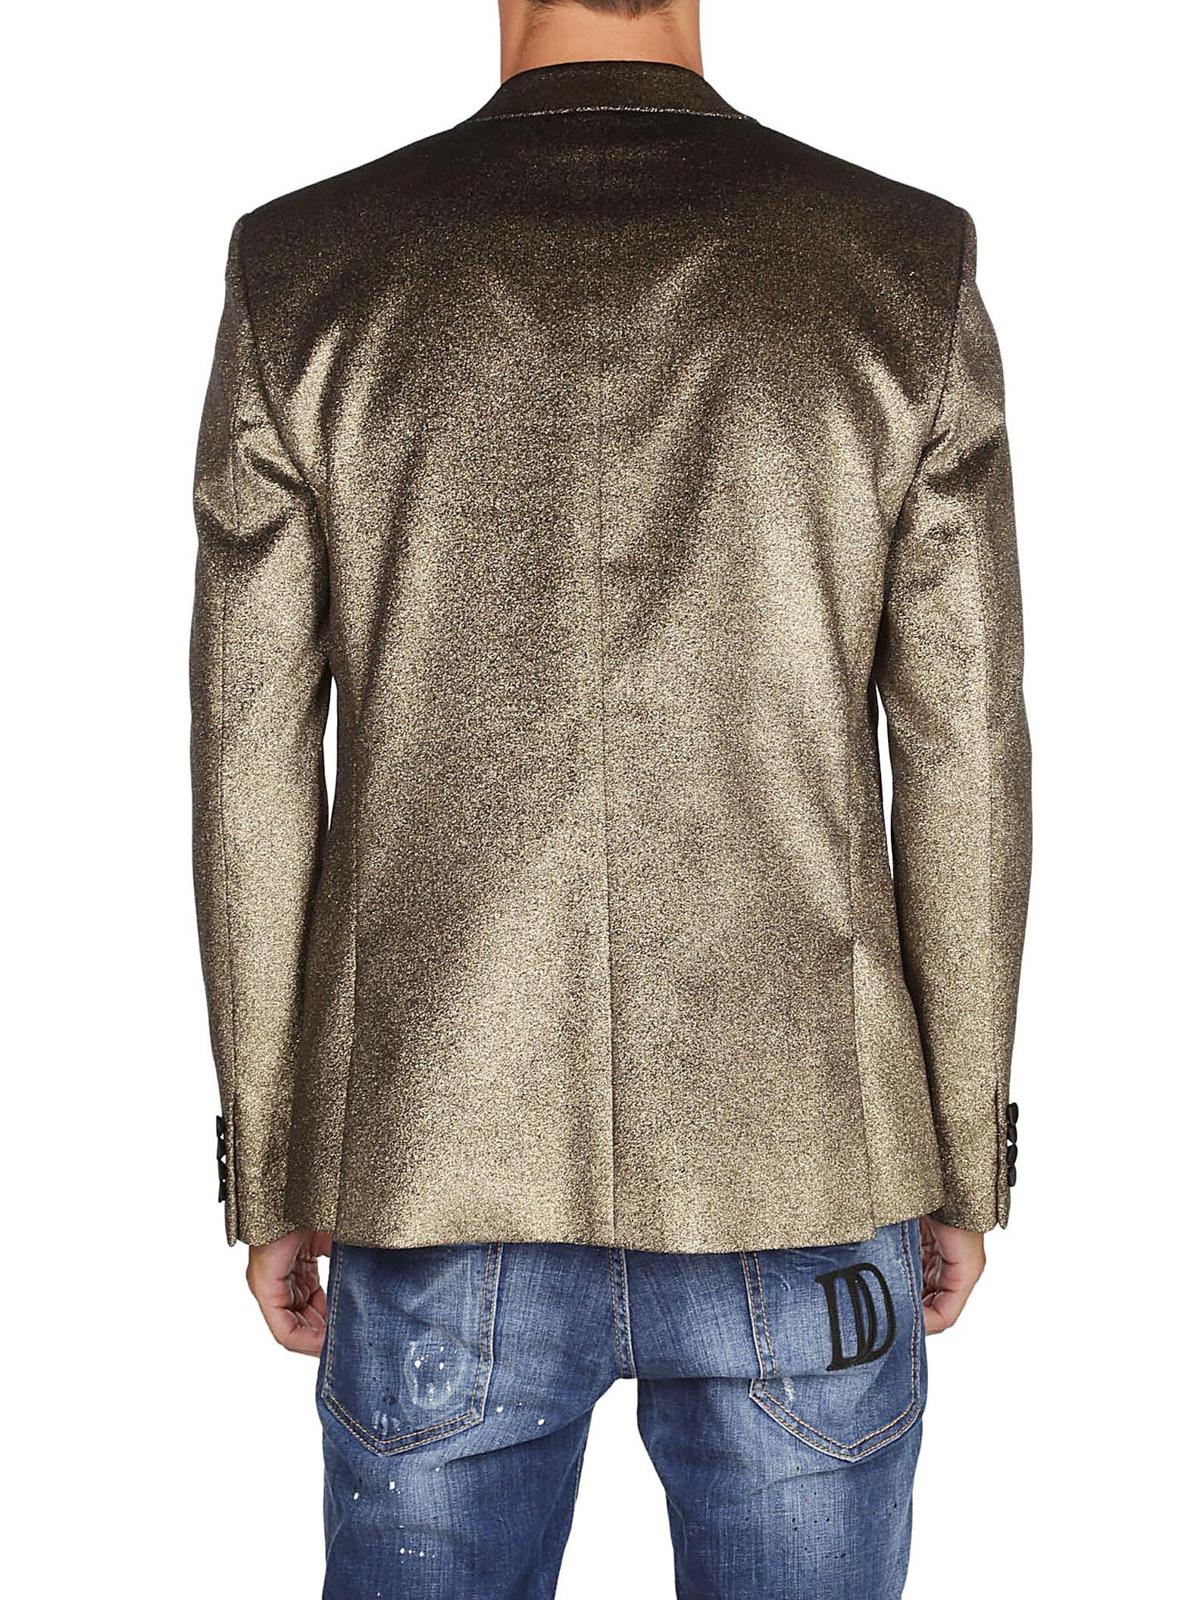 5c7b38c6ce3a8 Saint Laurent - Blazer in velluto glitterato color oro - giacche ...